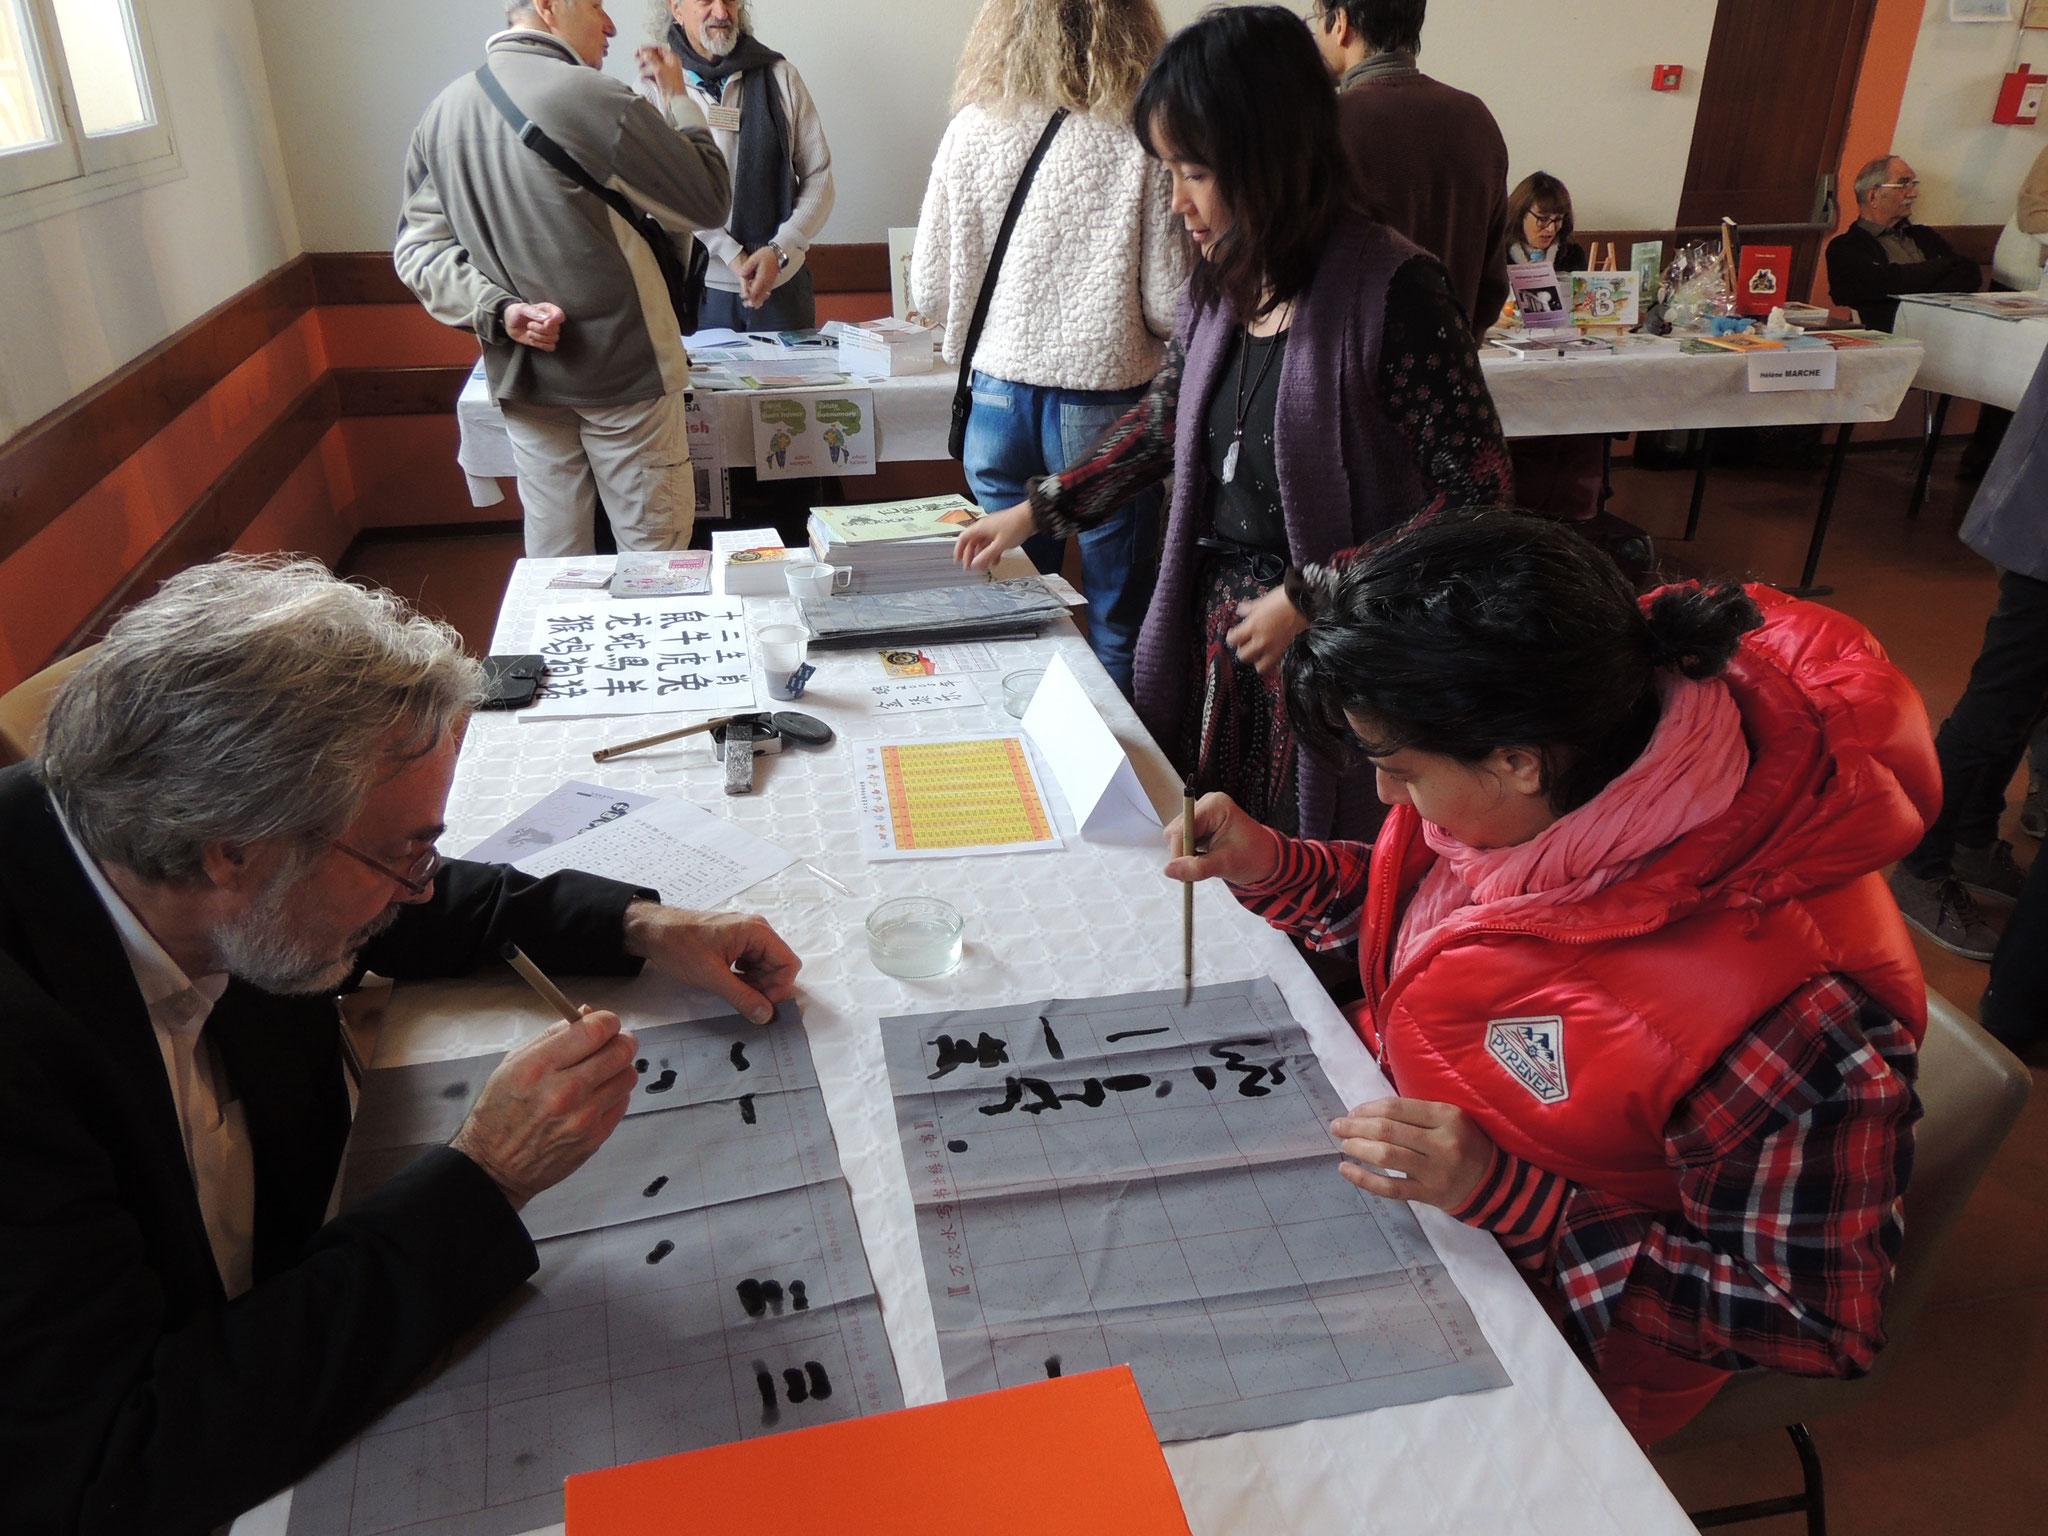 Quel Az'art s'initie à l'Atelier d'écriture Chinoise